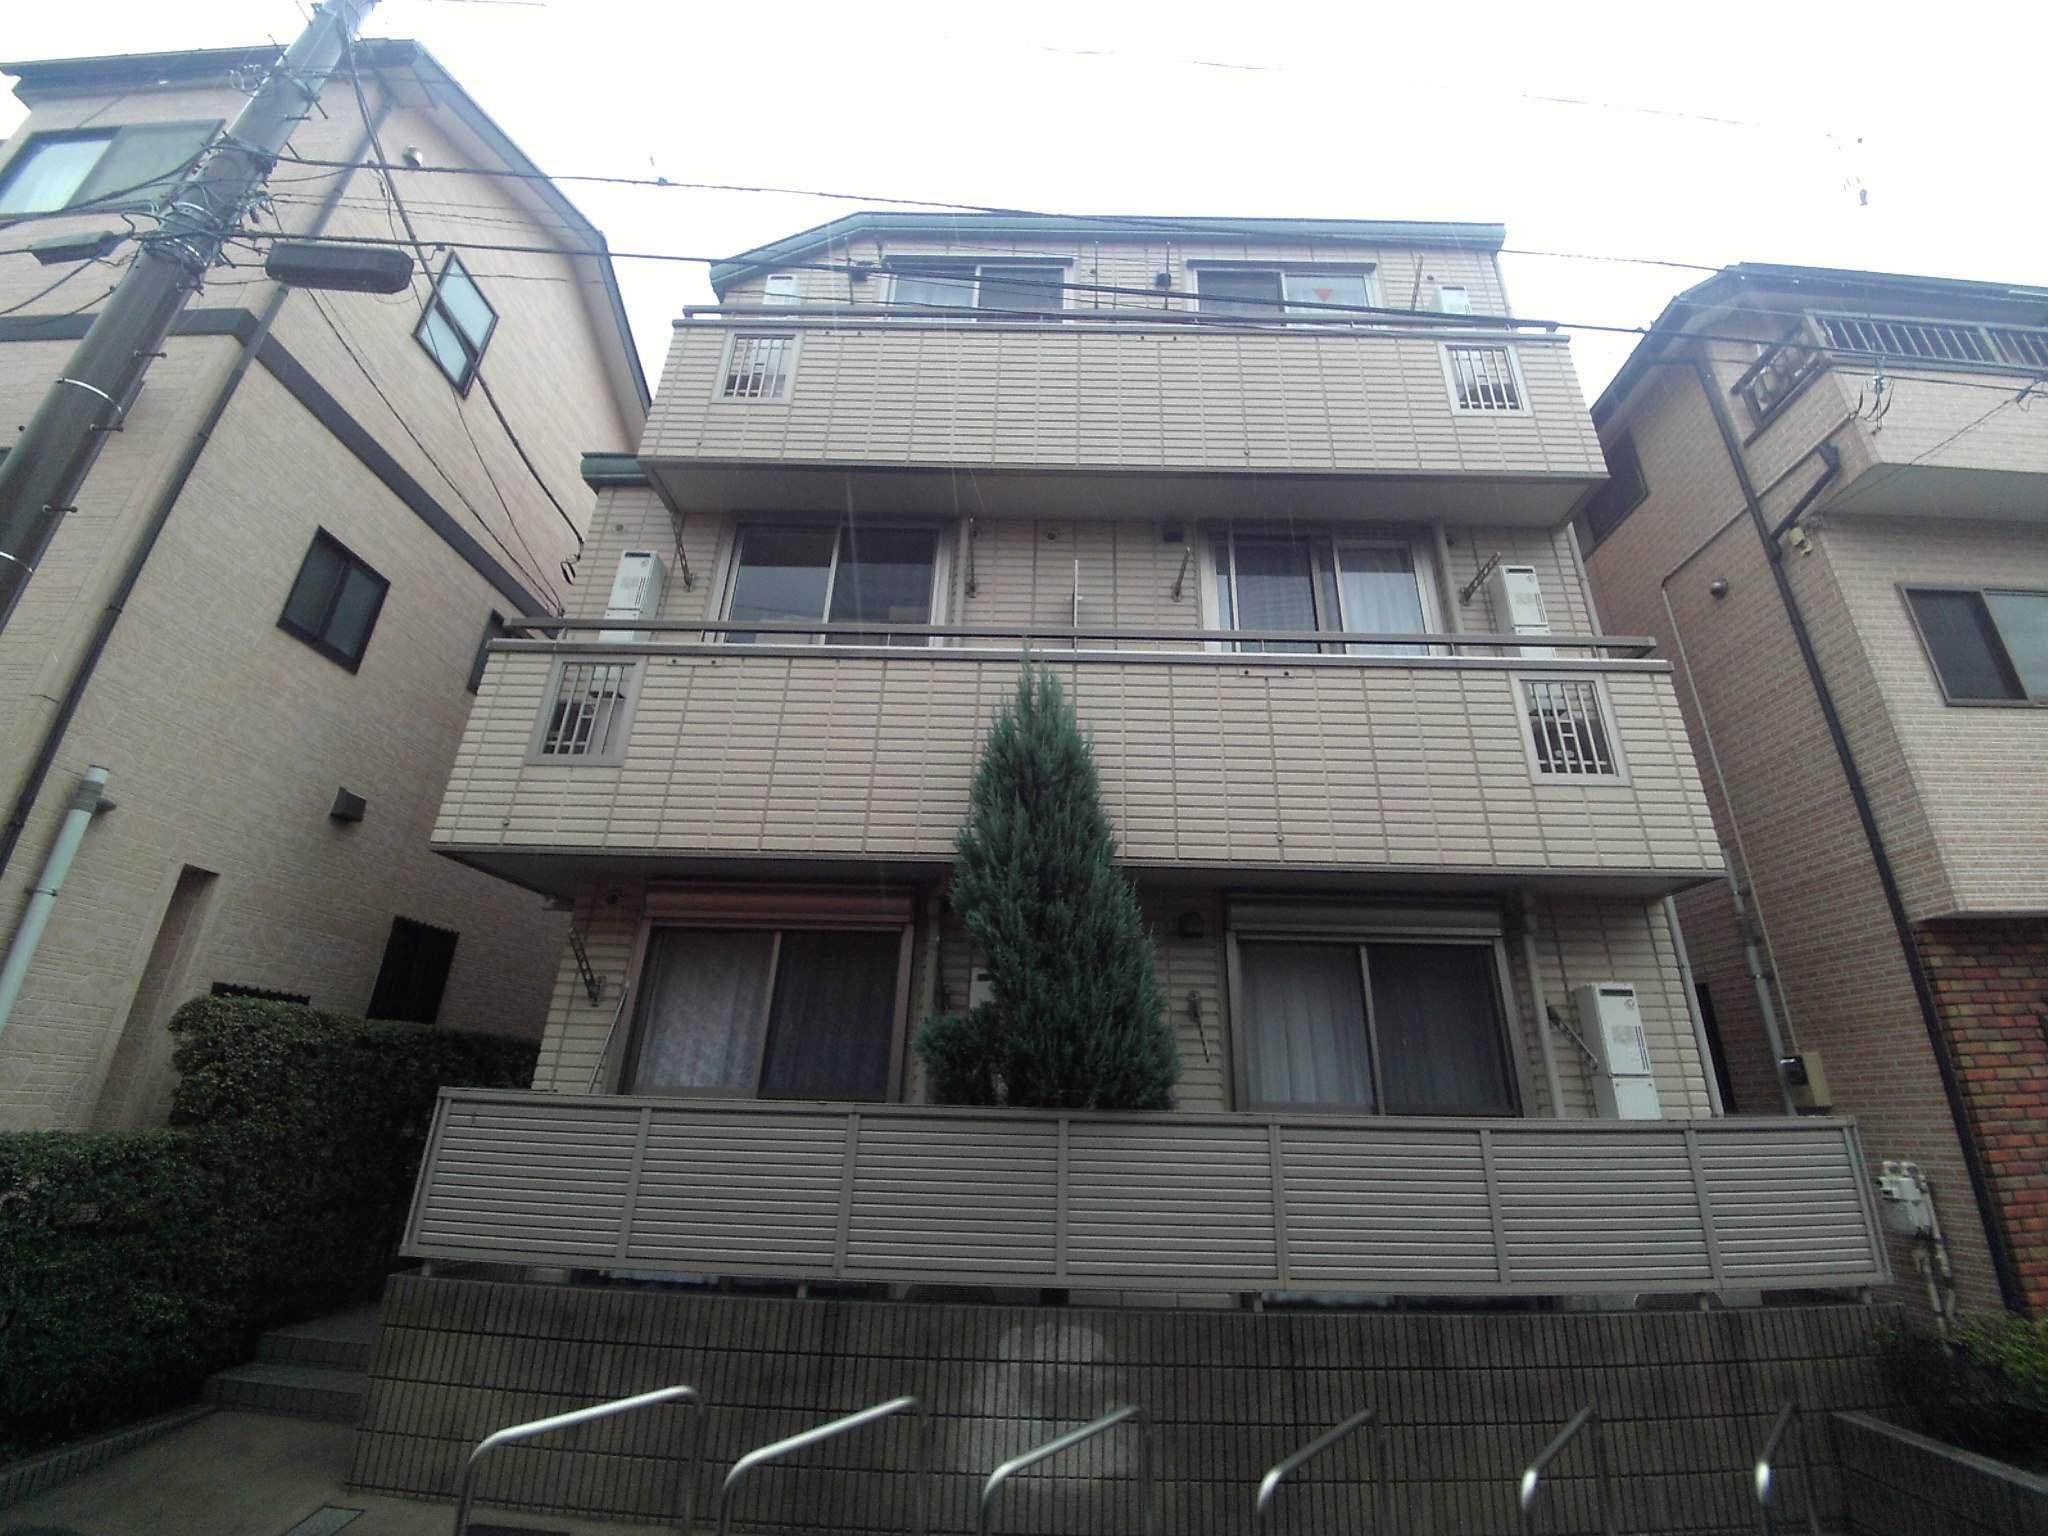 神奈川県横浜市鶴見区、川崎駅徒歩20分の築8年 3階建の賃貸アパート